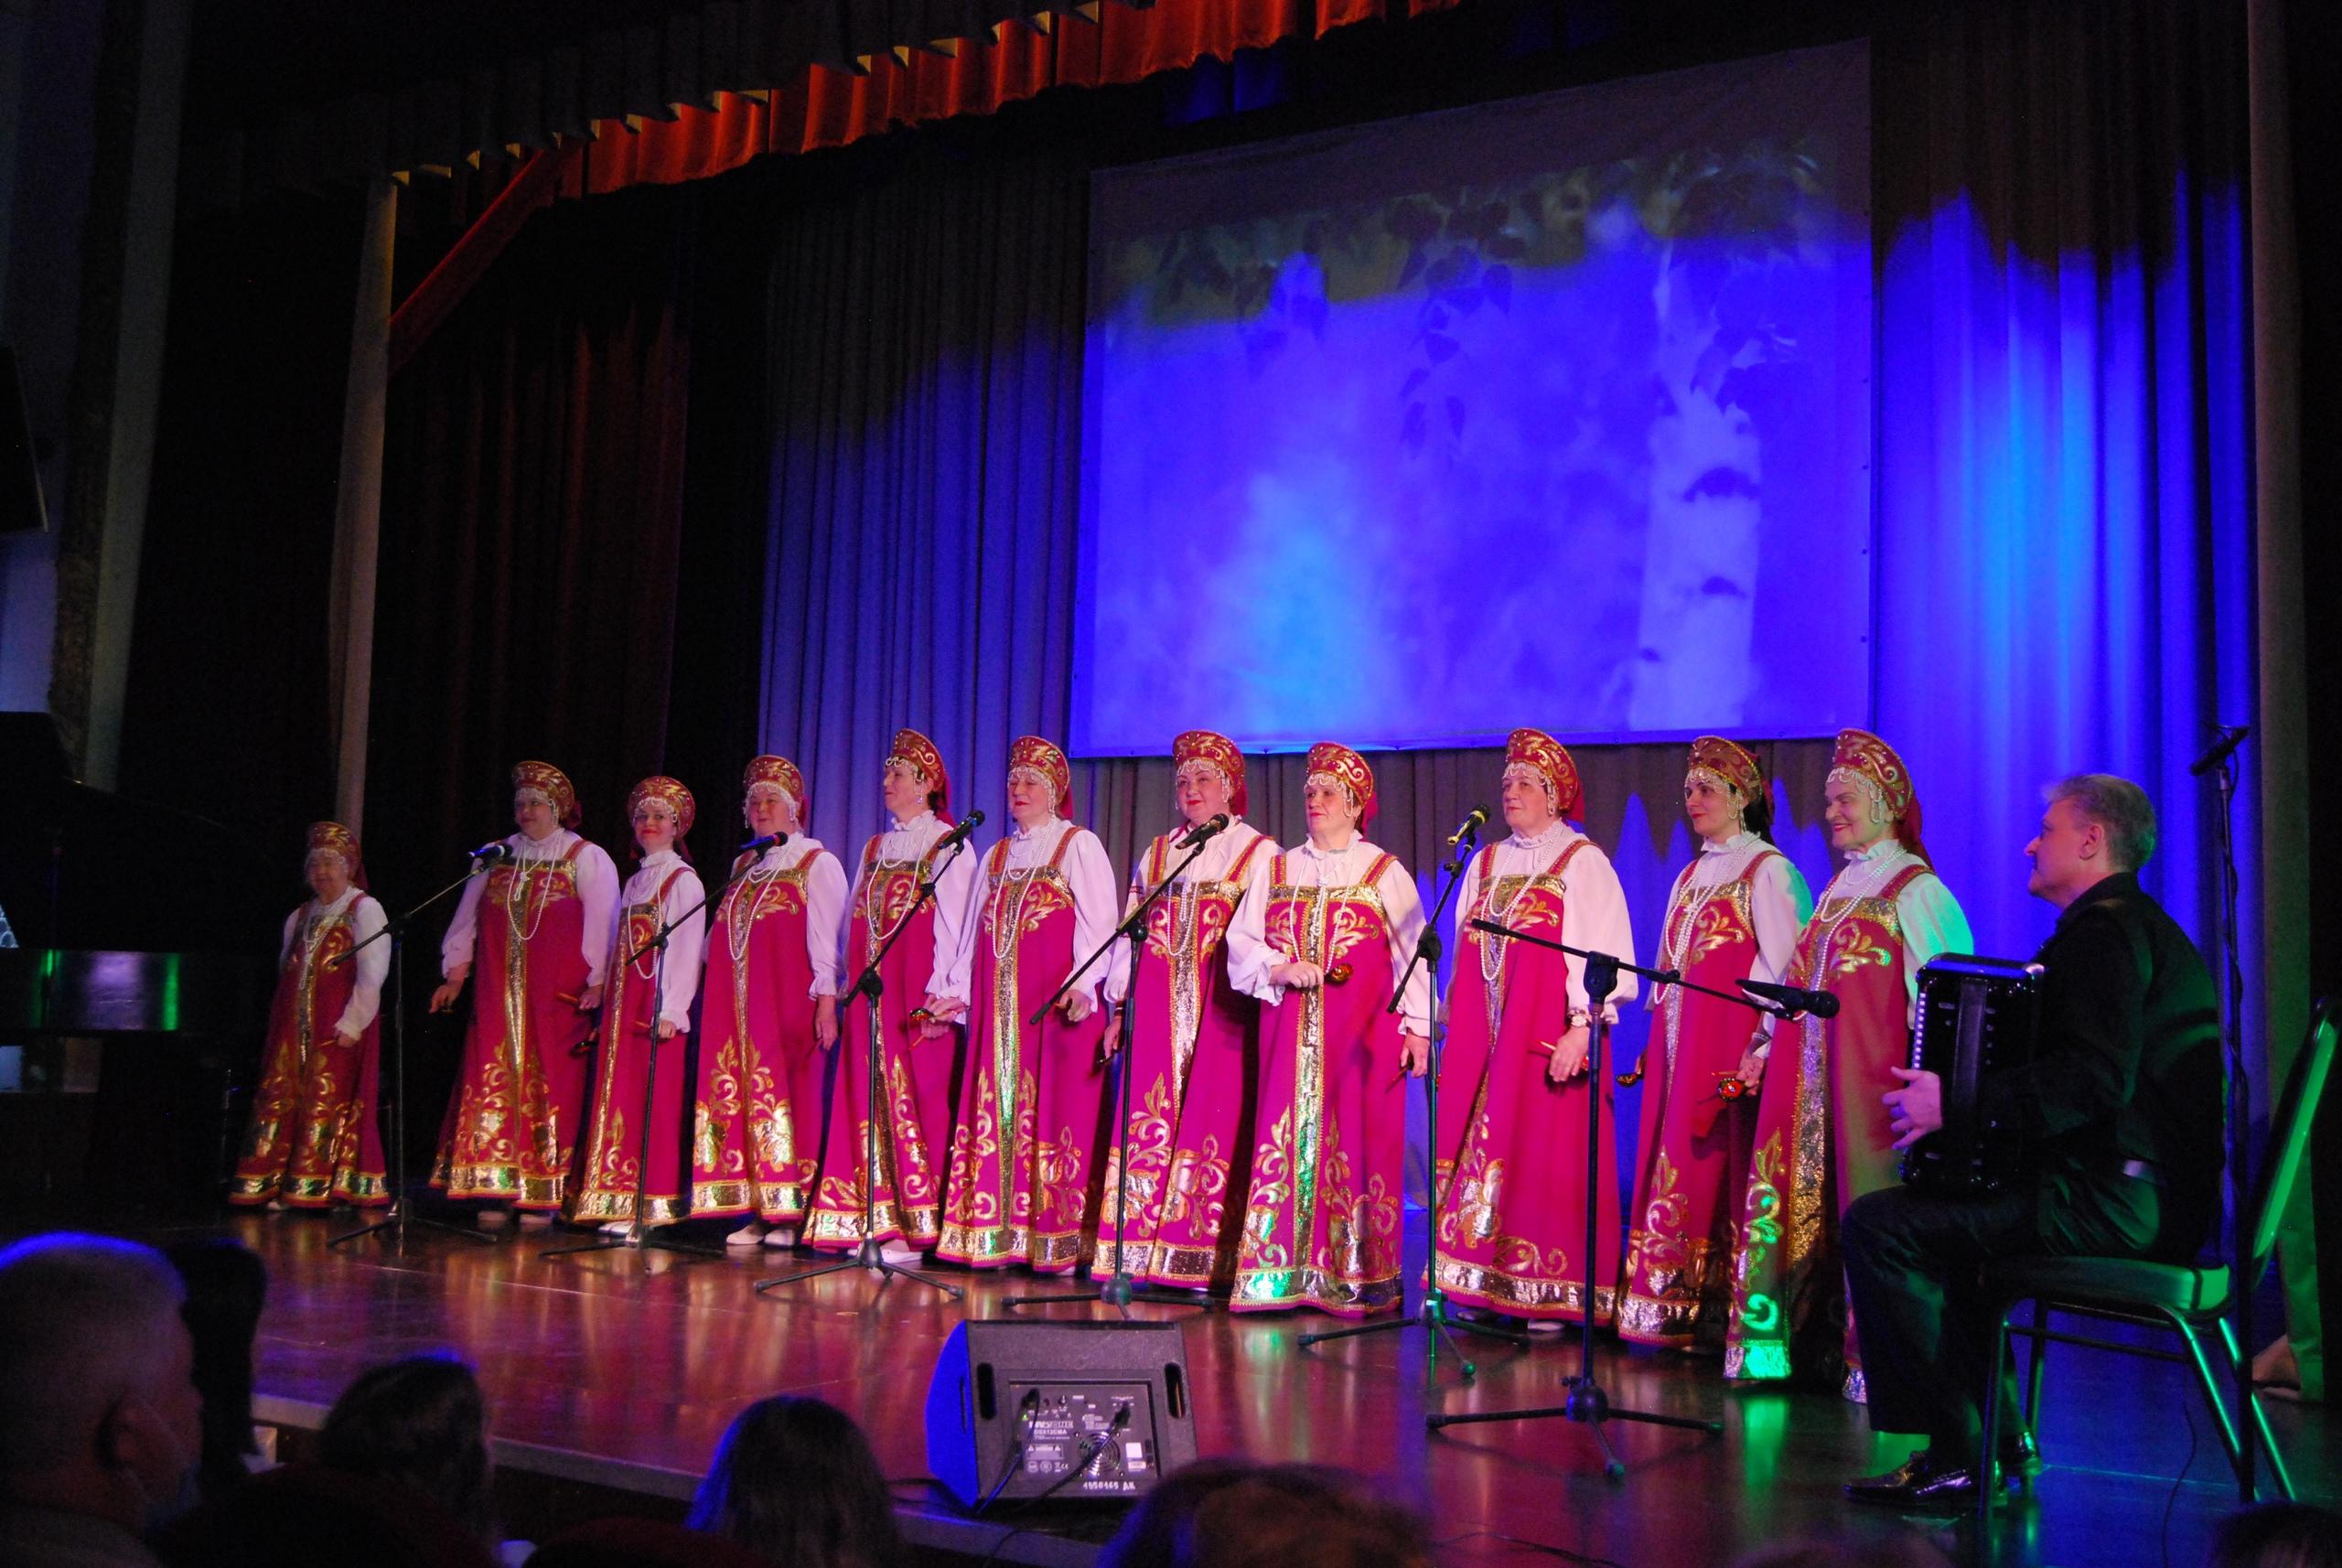 Представители Дворца культуры Щербинки подготовили новый выпуск проекта «МастерКлассные каникулы».